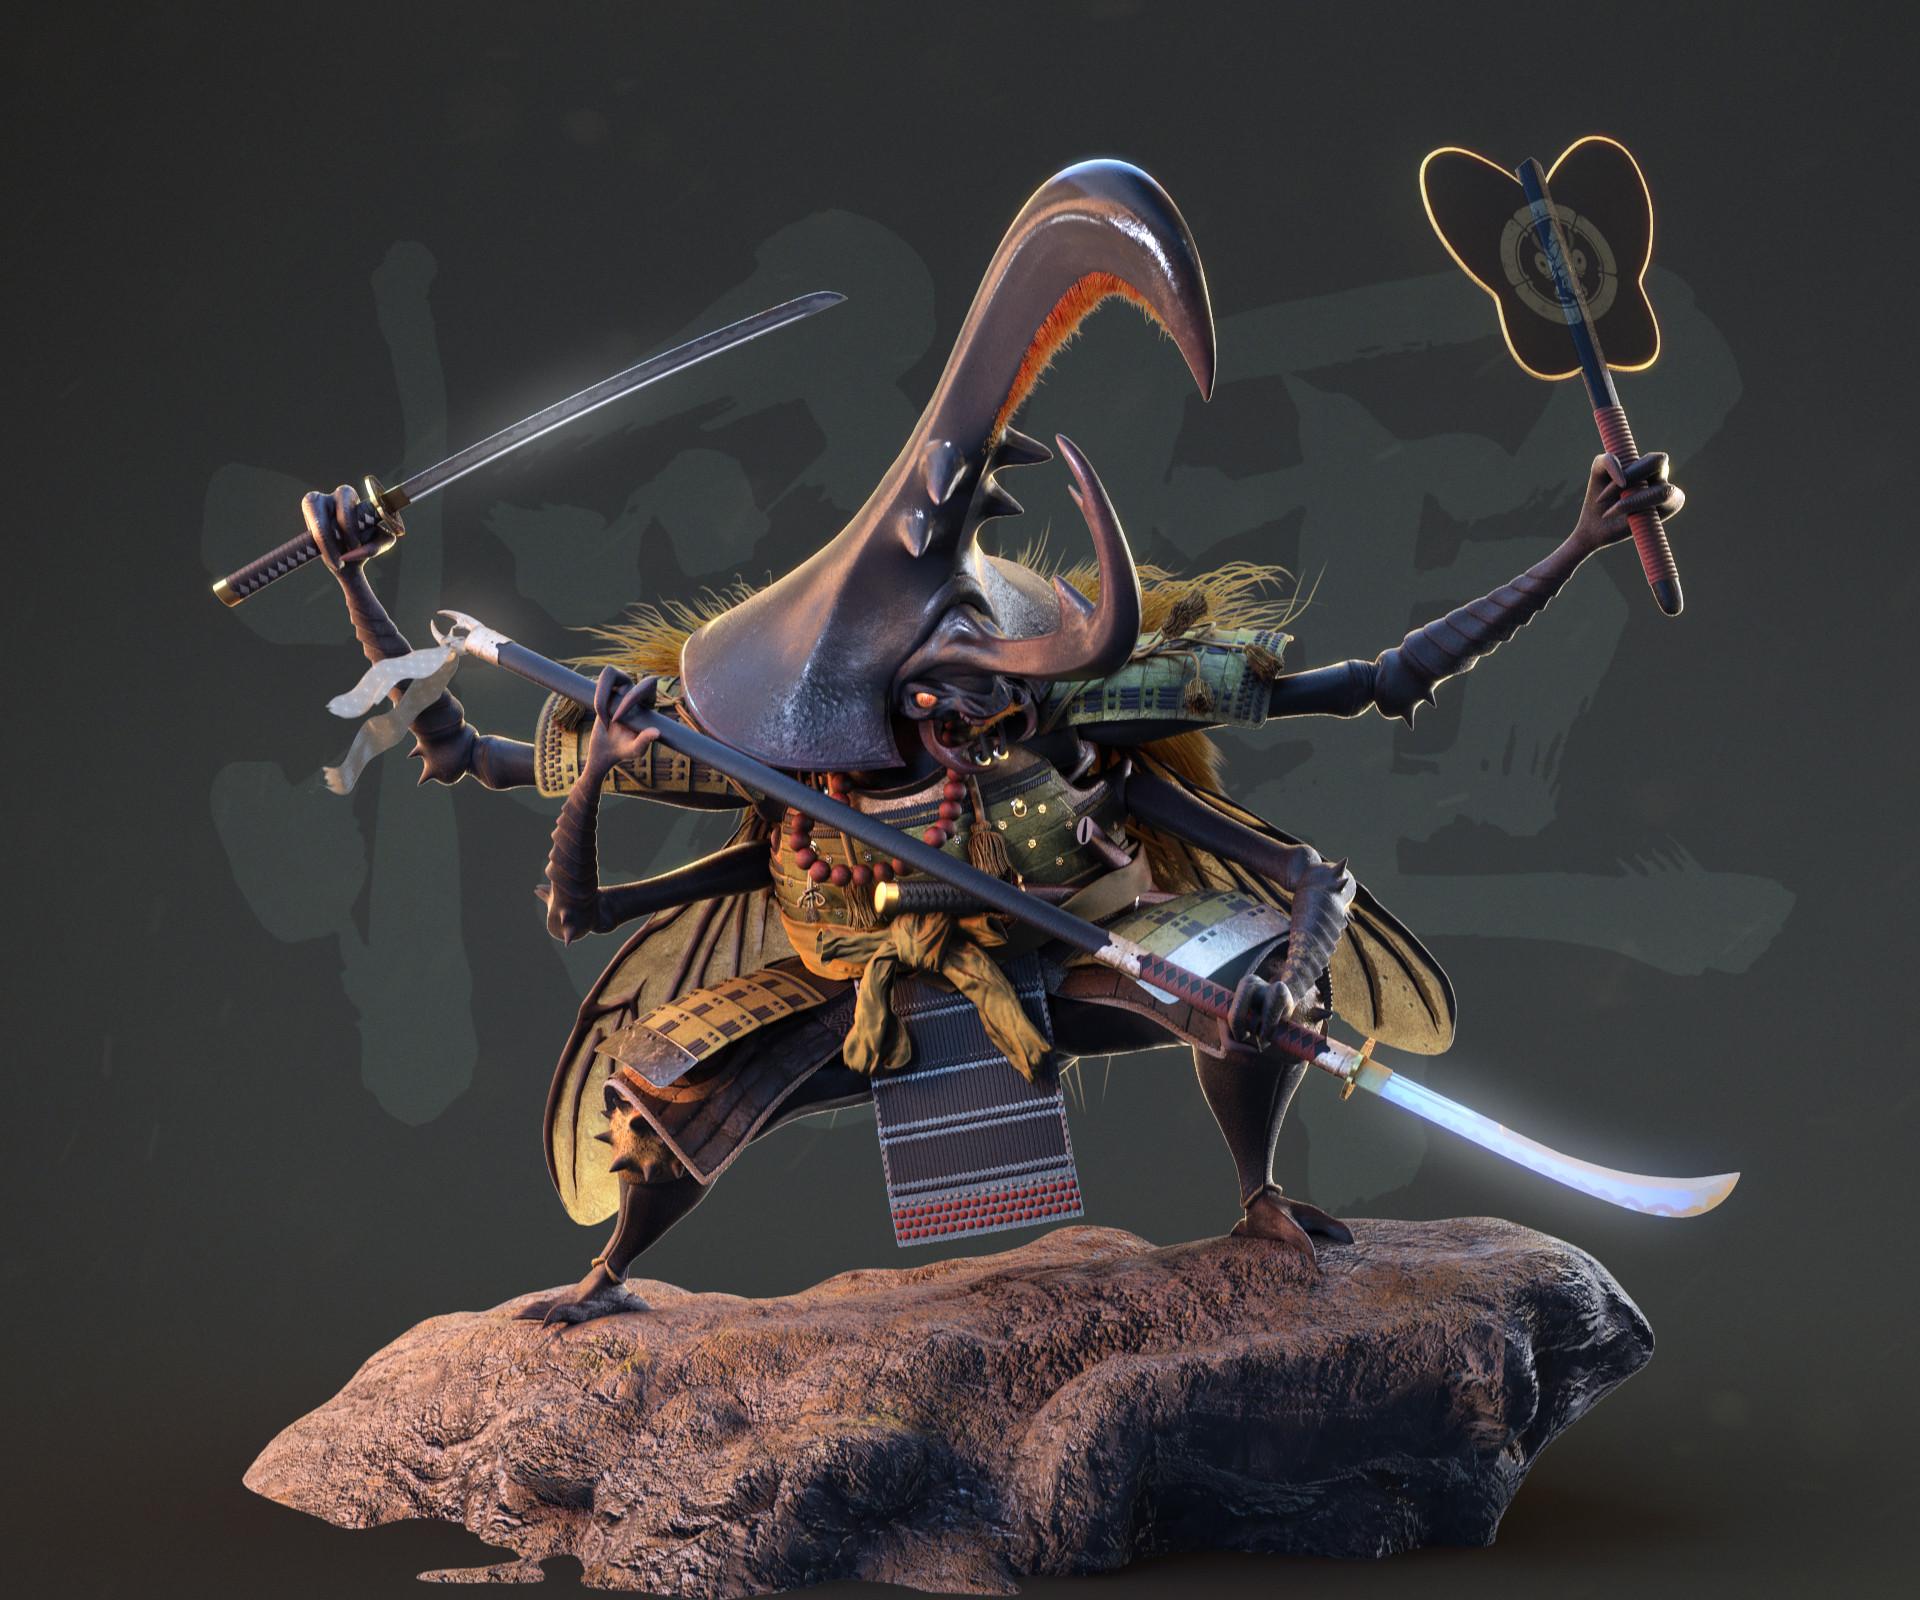 Oscar diaz c shogun warrior main 00000